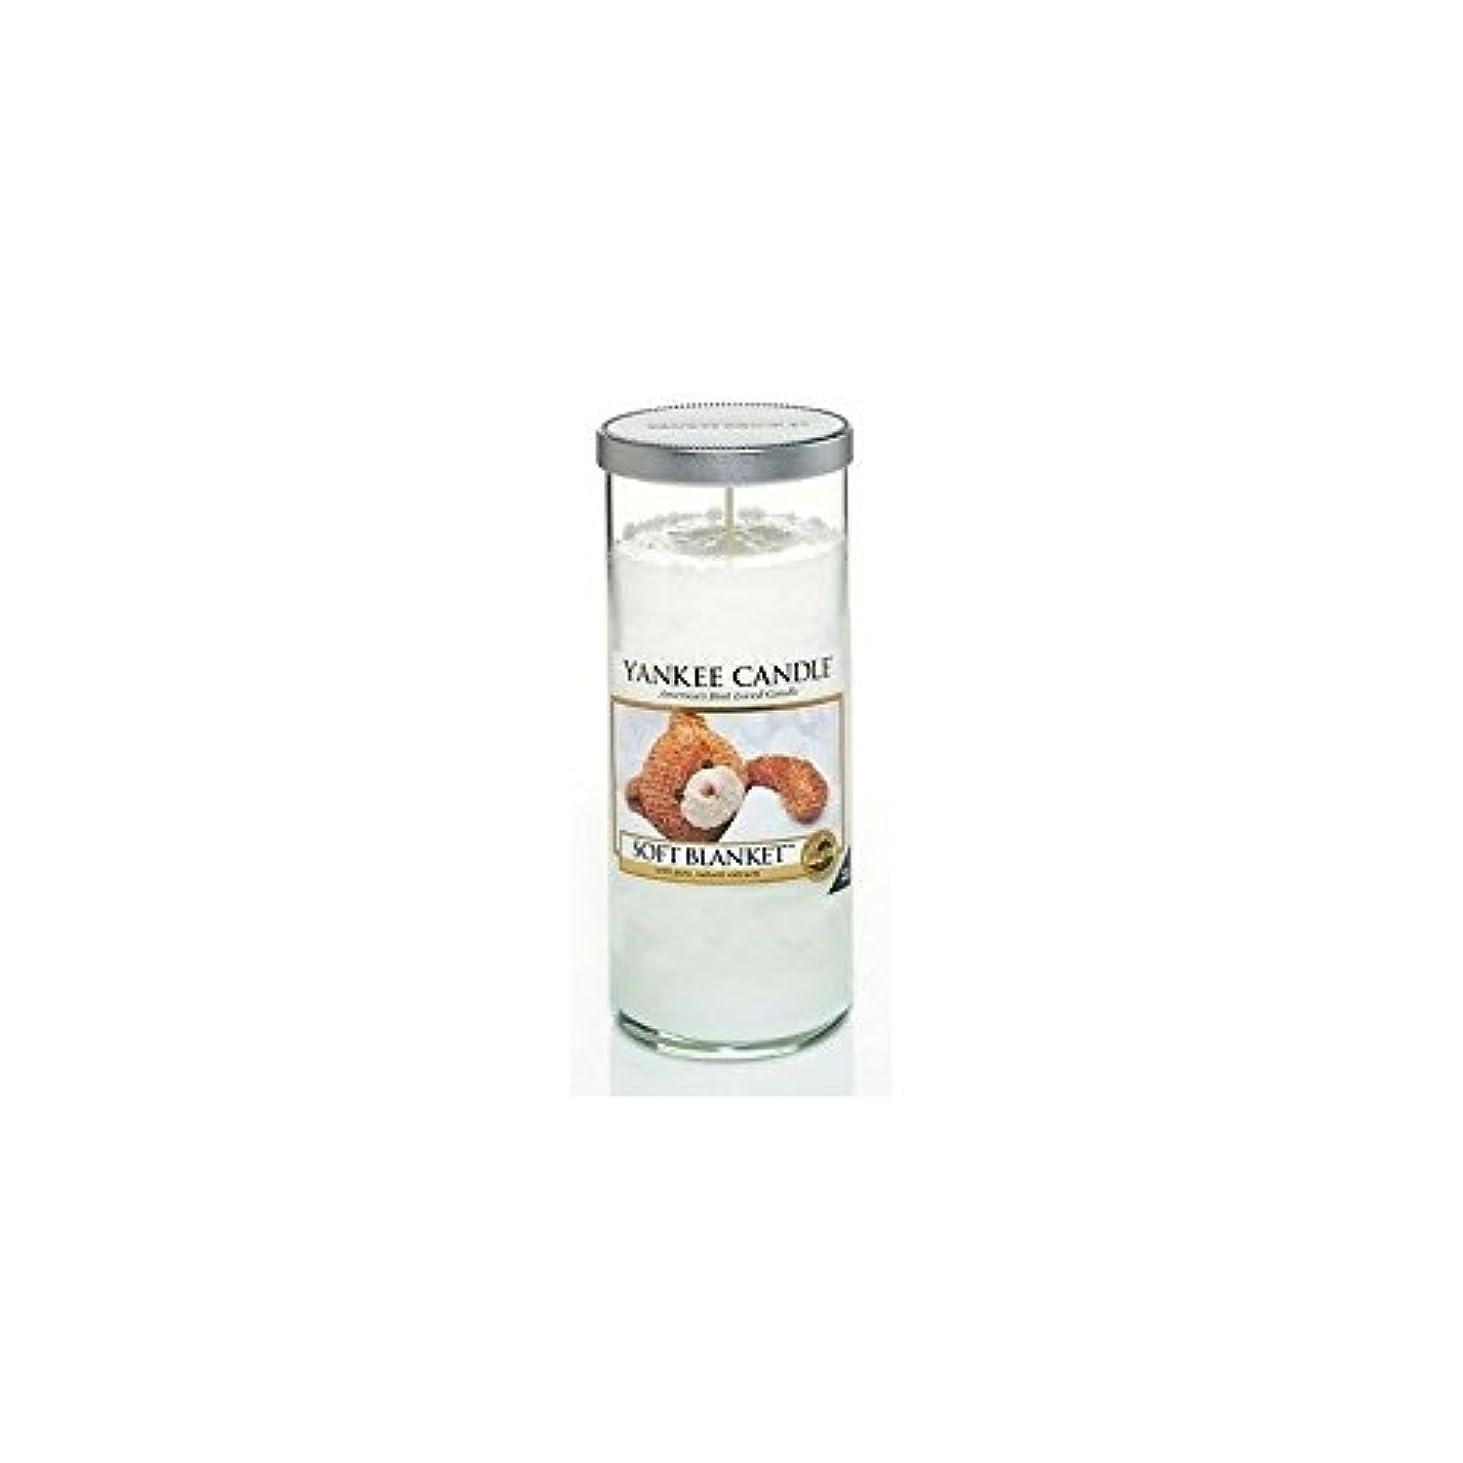 扇動するスカープ飲食店Yankee Candles Large Pillar Candle - Soft Blanket (Pack of 6) - ヤンキーキャンドル大きな柱キャンドル - ソフト毛布 (x6) [並行輸入品]